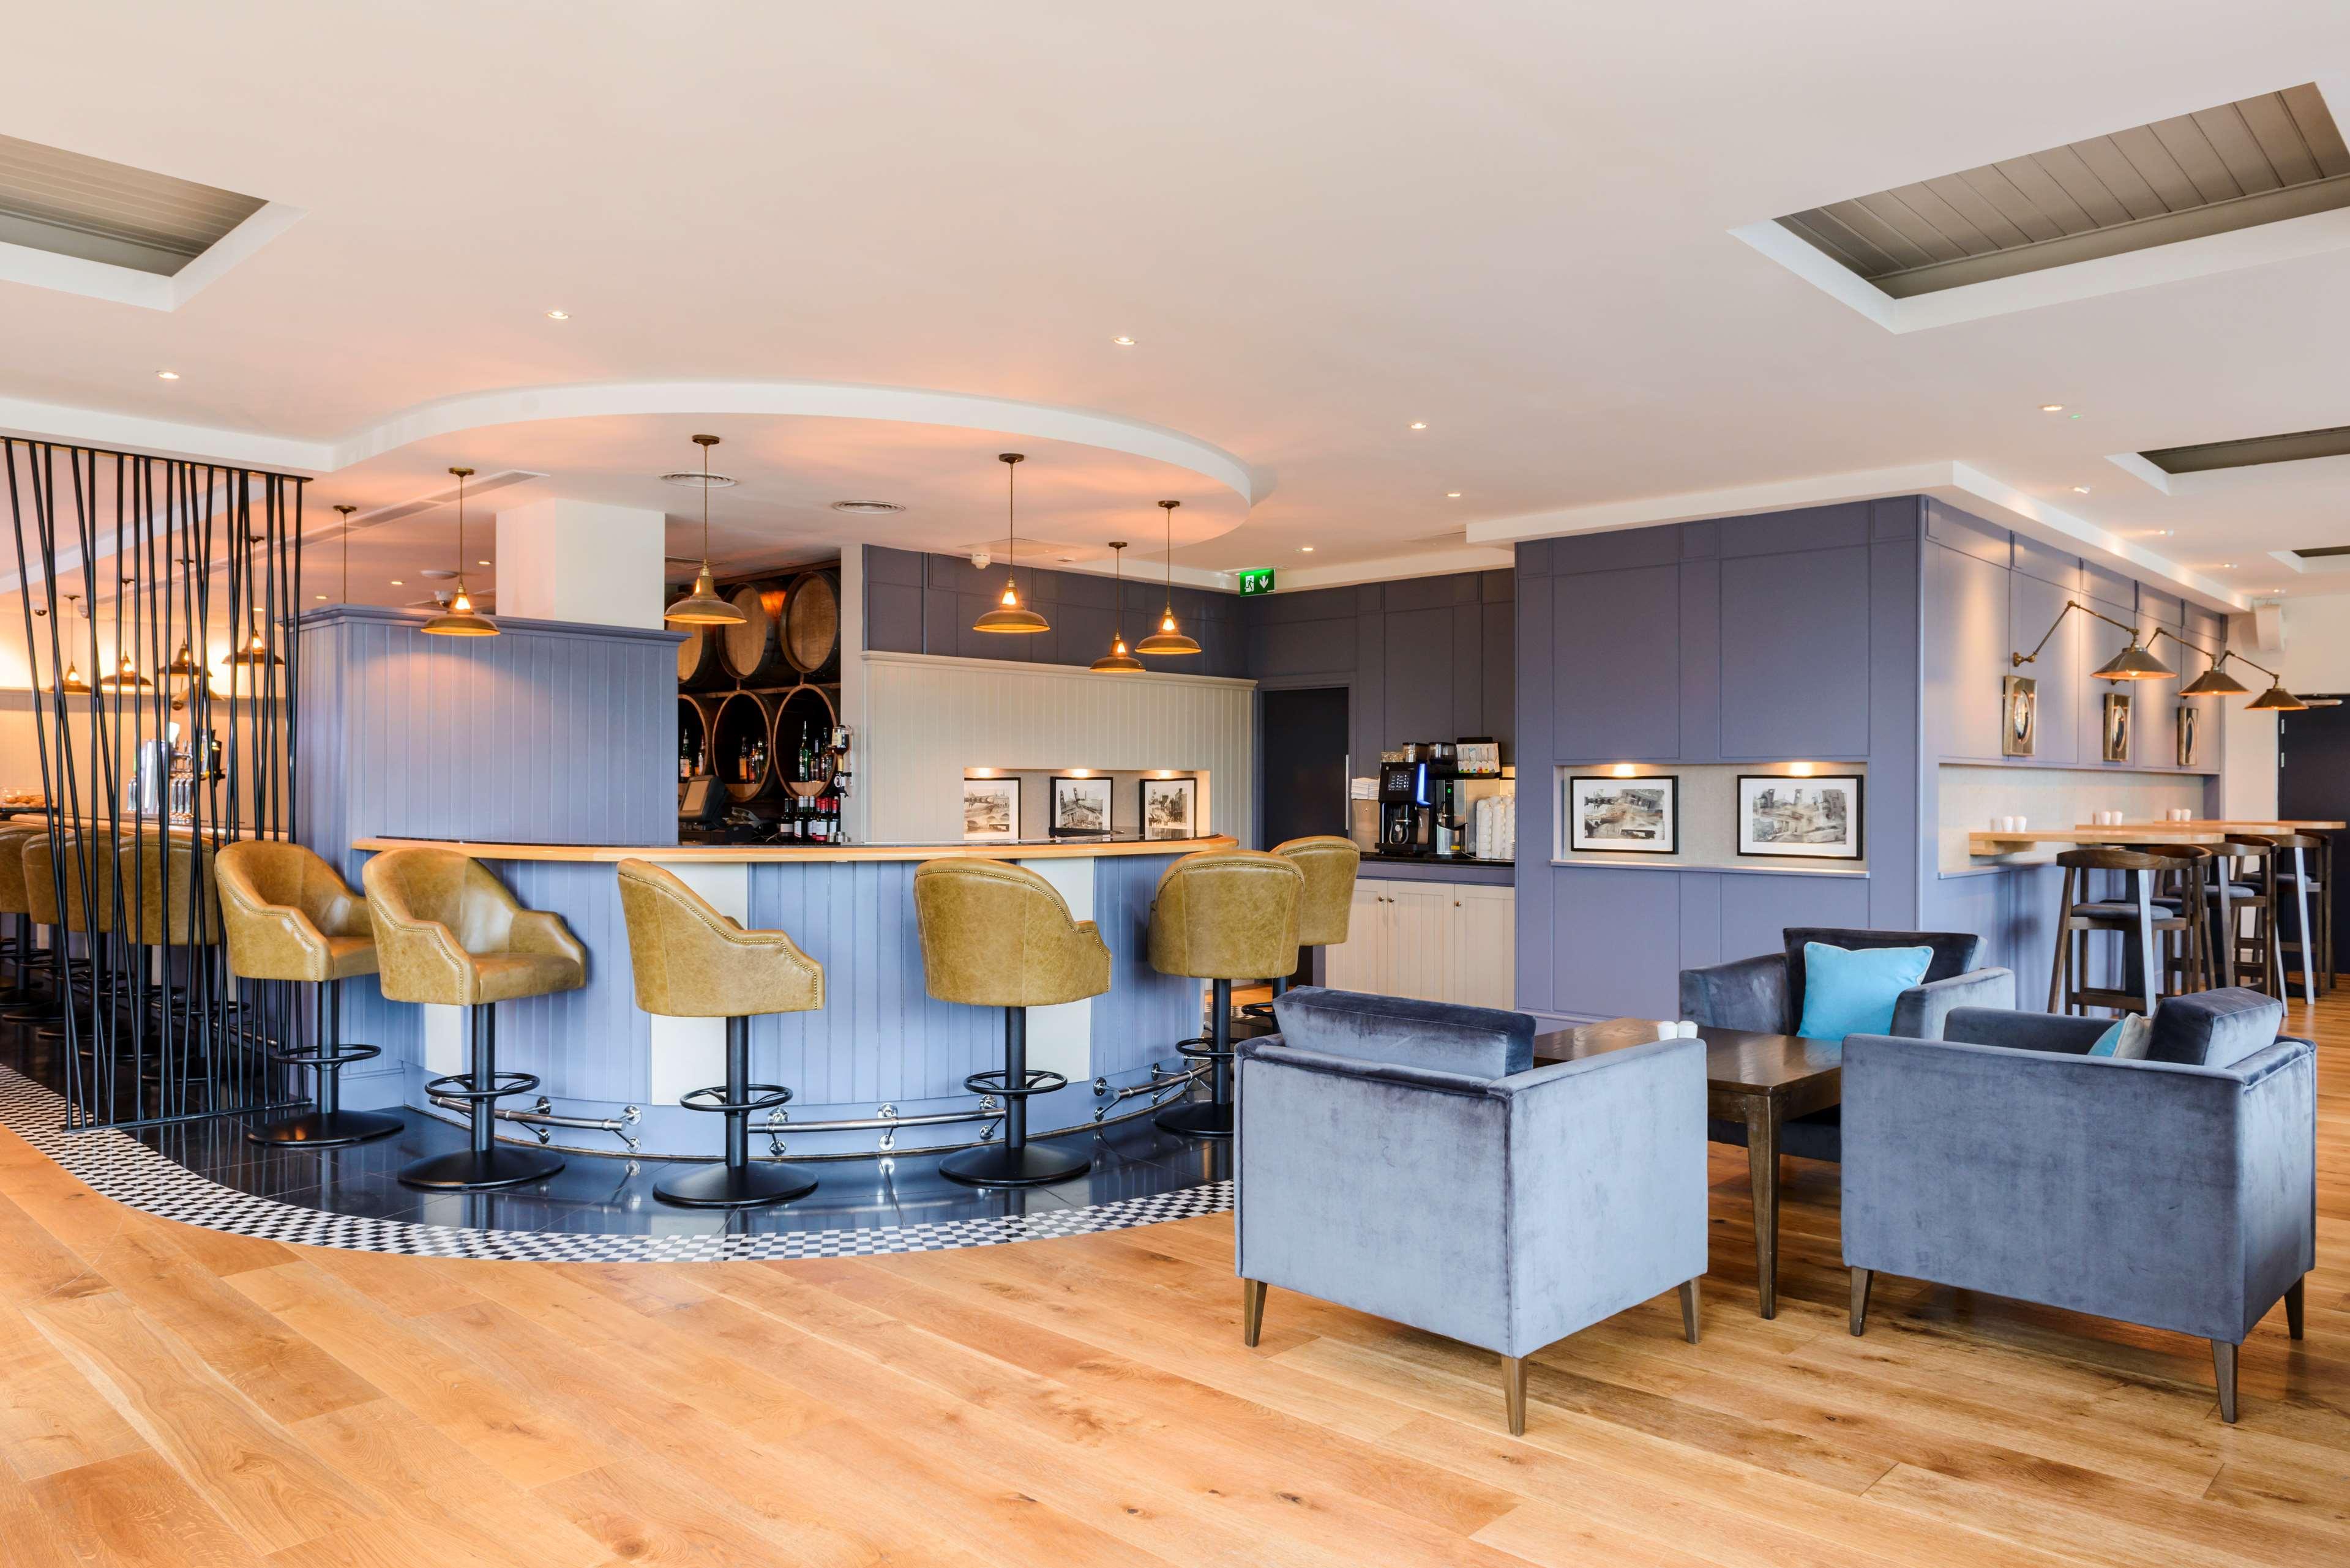 Radisson Blu Hotel, Athlone 40